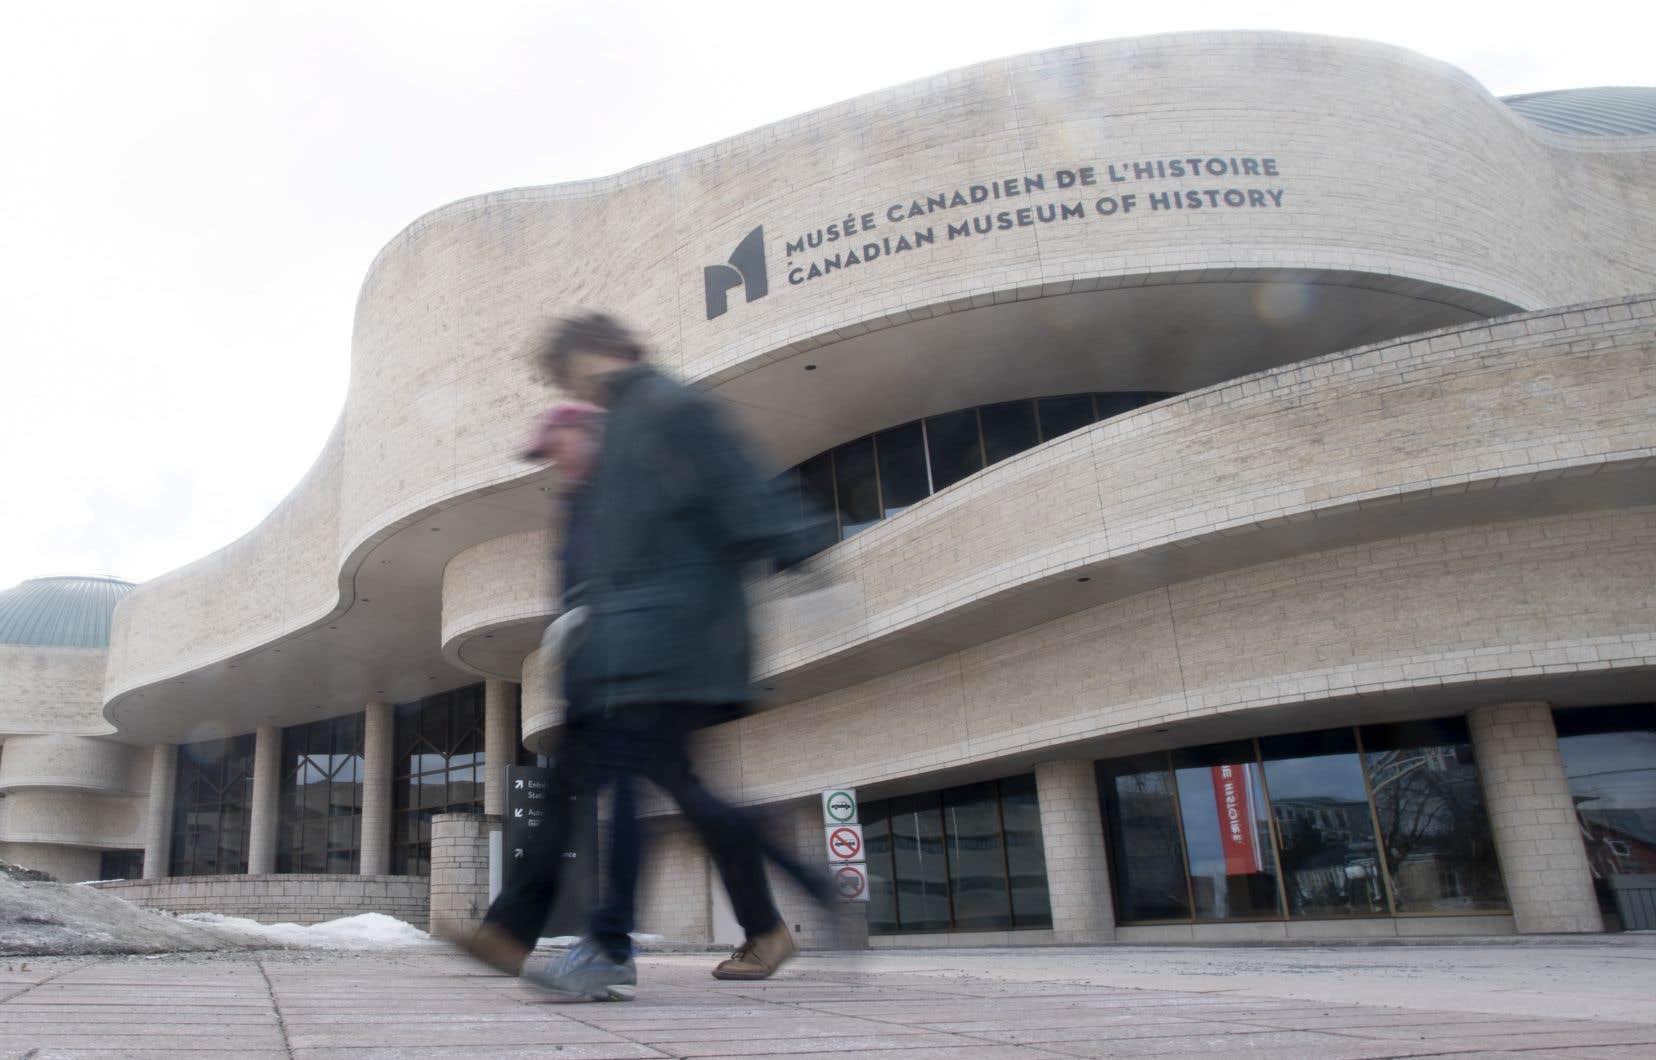 Mark O'Neill, était déjà en congé de maladie depuis l'été dernier, au moment de l'ouverture d'une enquête indépendante sur des allégations de harcèlement à l'institution, anciennement le Musée canadien des civilisations.